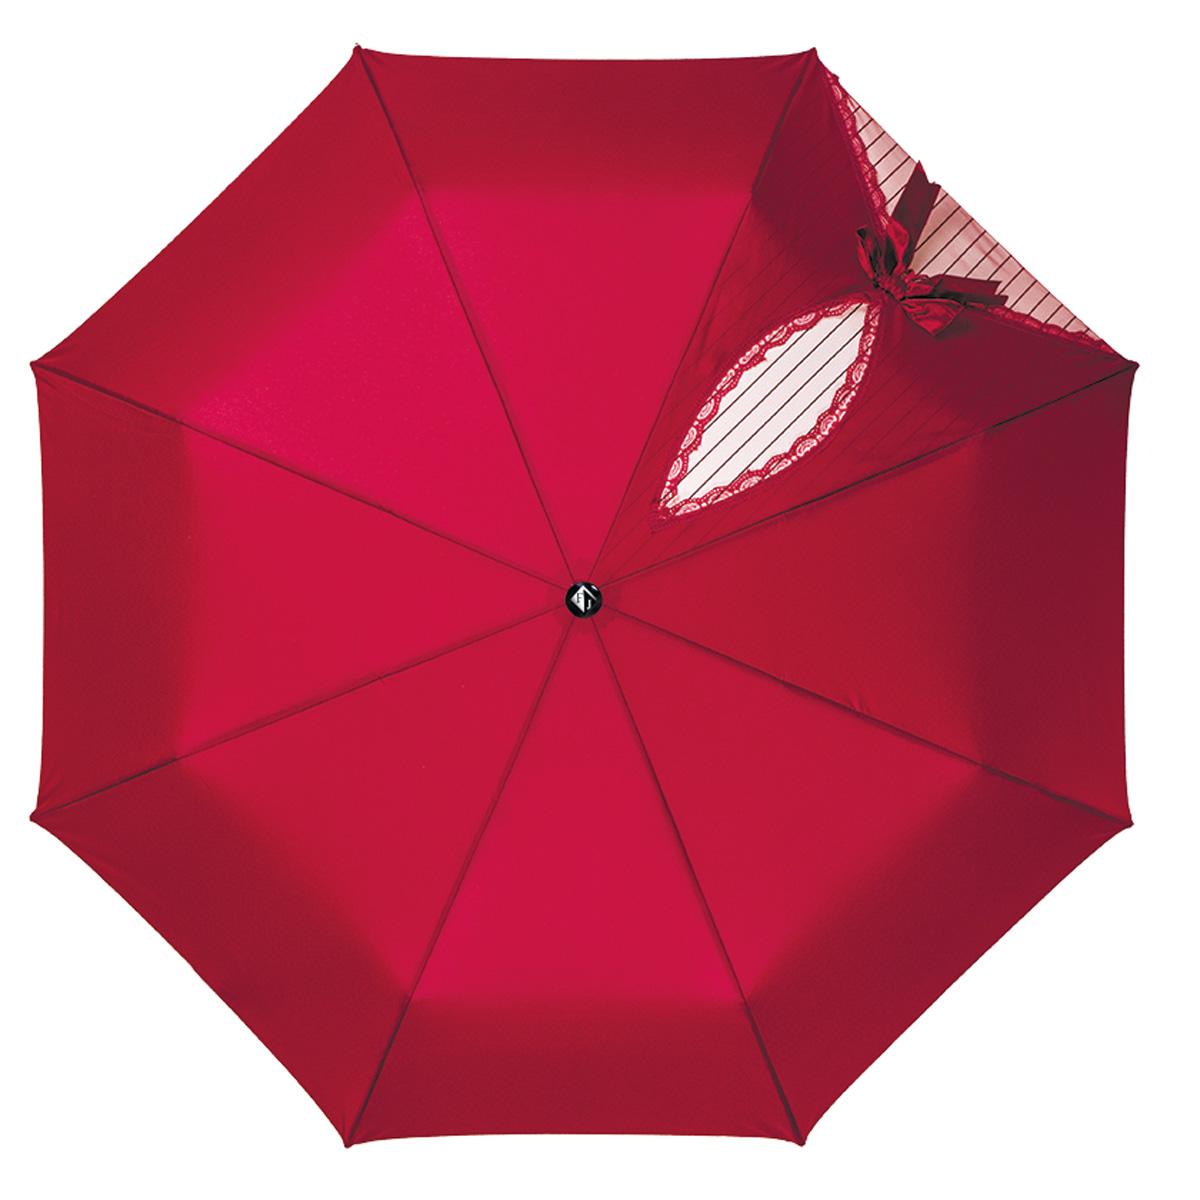 Зонт женский Flioraj Кокетка, автомат, 3 сложения, цвет: бордовый. 20003 FJ20003 FJОчаровательный автоматический зонт Flioraj Кокетка в 3 сложения отлично подойдет для ненастной погоды. Ветростойкий каркас зонта, изготовленный из анодированной стали, состоит из восьми спиц и прочного стержня. Купол зонта с тефлоновой пропиткой выполнен из полиэстера и оформлен узором в полоску, кружевной оторочкой и милым бантиком. Модель оснащена рукояткой из пластика. Зонт имеет полный автоматический механизм сложения: купол открывается и закрывается нажатием кнопки на рукоятке, стержень складывается вручную до характерного щелчка. Благодаря этому открыть и закрыть зонт можно одной рукой, что чрезвычайно удобно при входе в транспорт или помещение. Небольшой шнурок, расположенный на рукоятке, позволяет надеть изделие на руку при необходимости. Модель закрывается при помощи хлястика на кнопке. Такой зонт не только надежно защитит вас от дождя, но и станет стильным аксессуаром, который идеально подчеркнет ваш неповторимый образ.